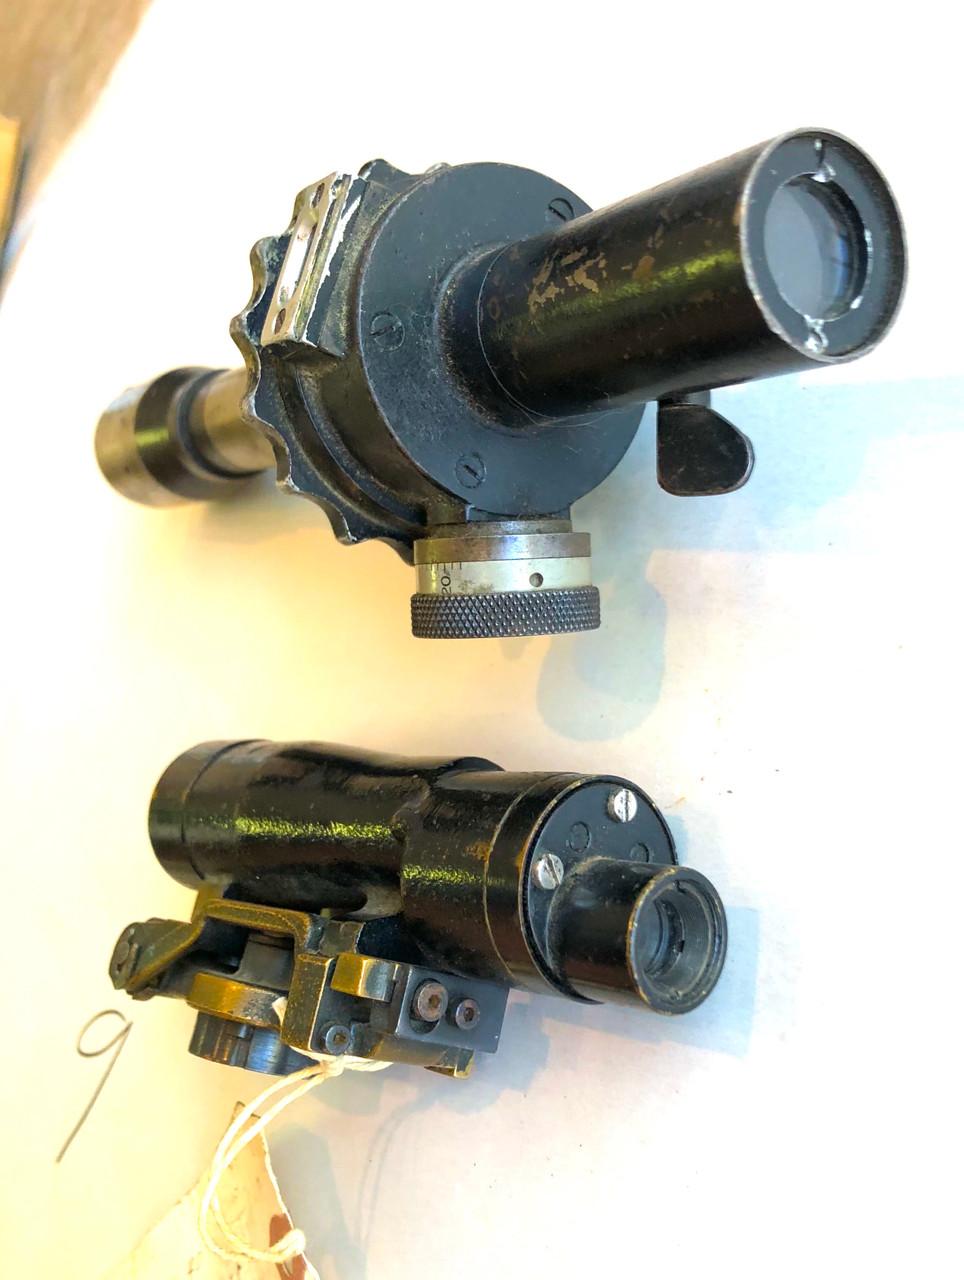 Lot of Two Military Optics - M38 Telescope & 36 M.n. pu tavcso 2x20°x8mm